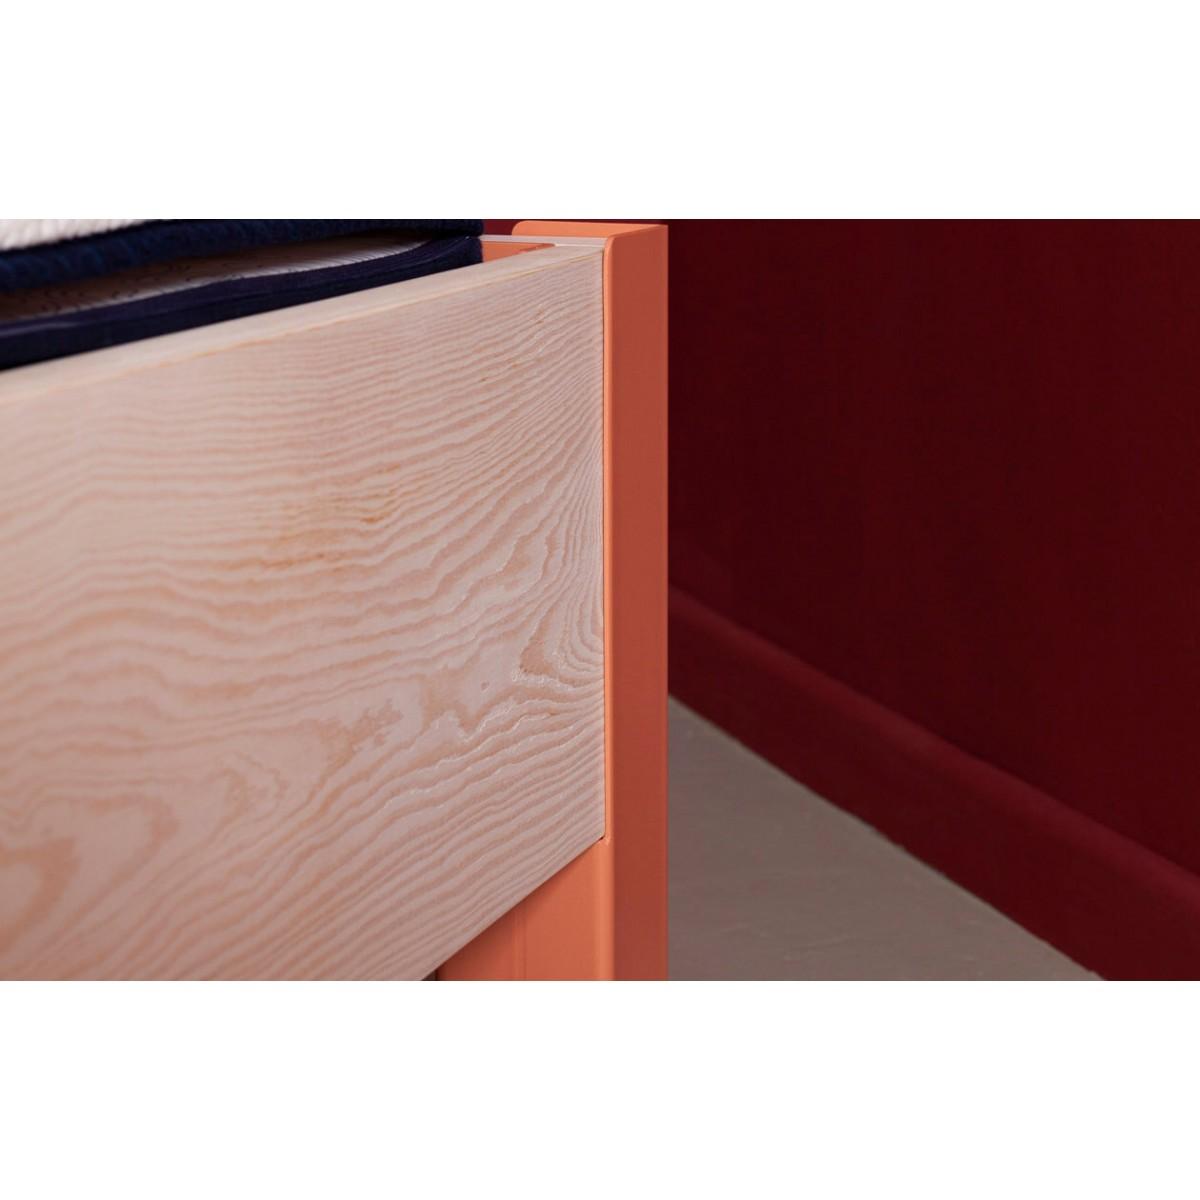 JOHANENLIES | Bett aus recyceltem Bauholz und Stahl | SIGONSE